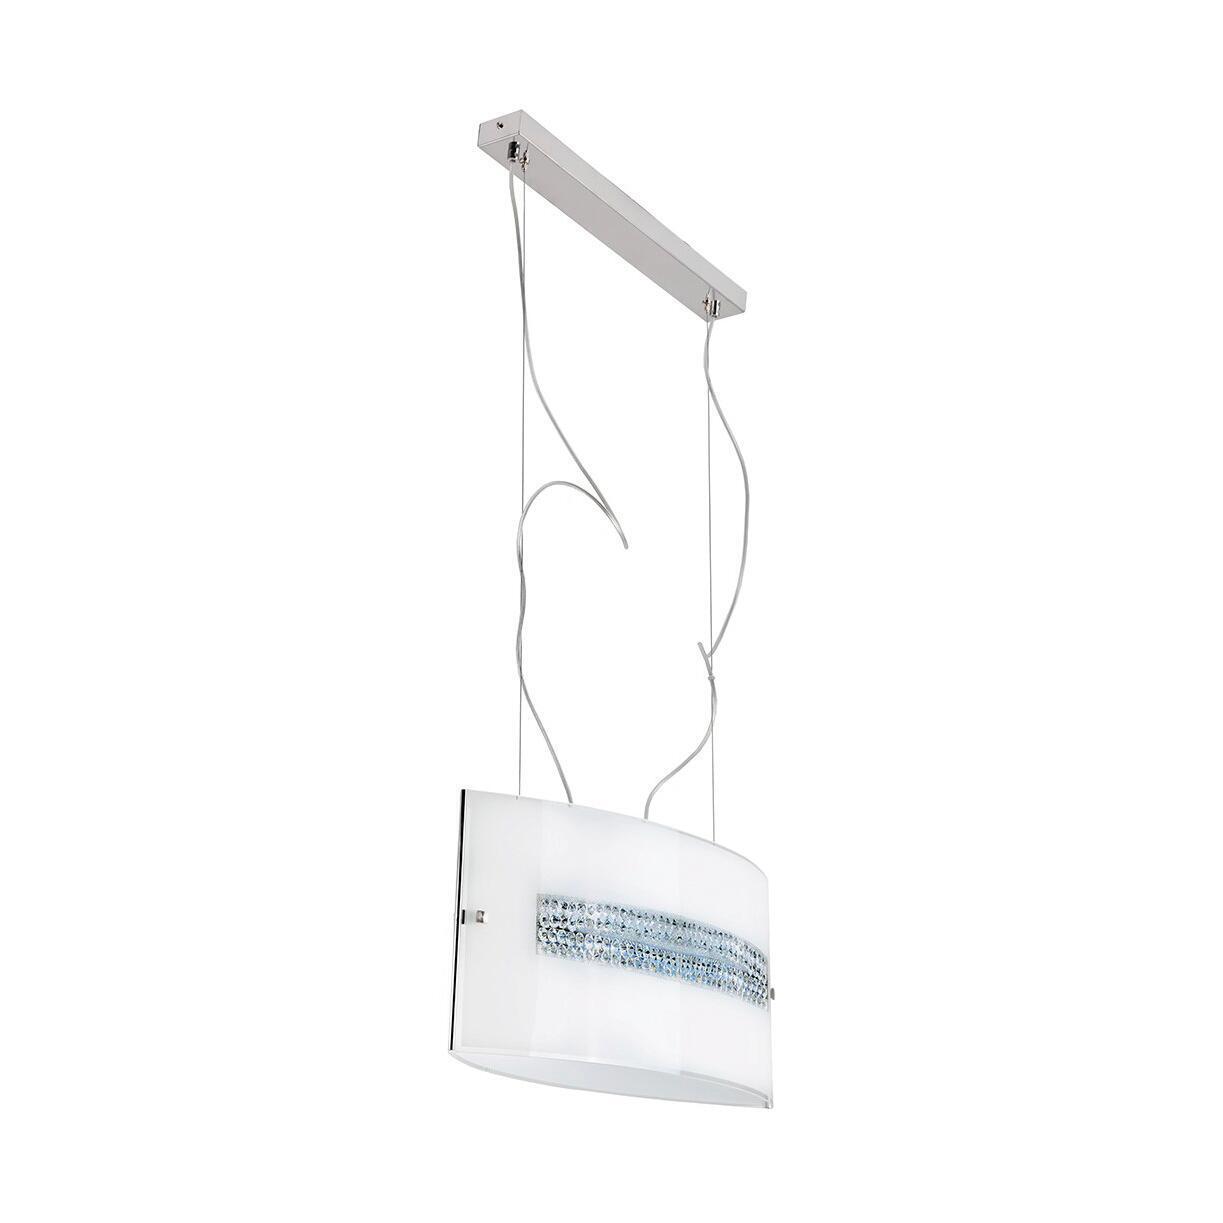 Lampadario Neoclassico Cristal LED integrato bianco, in vetro, L. 58 cm, 4 luci, NOVECENTO - 1